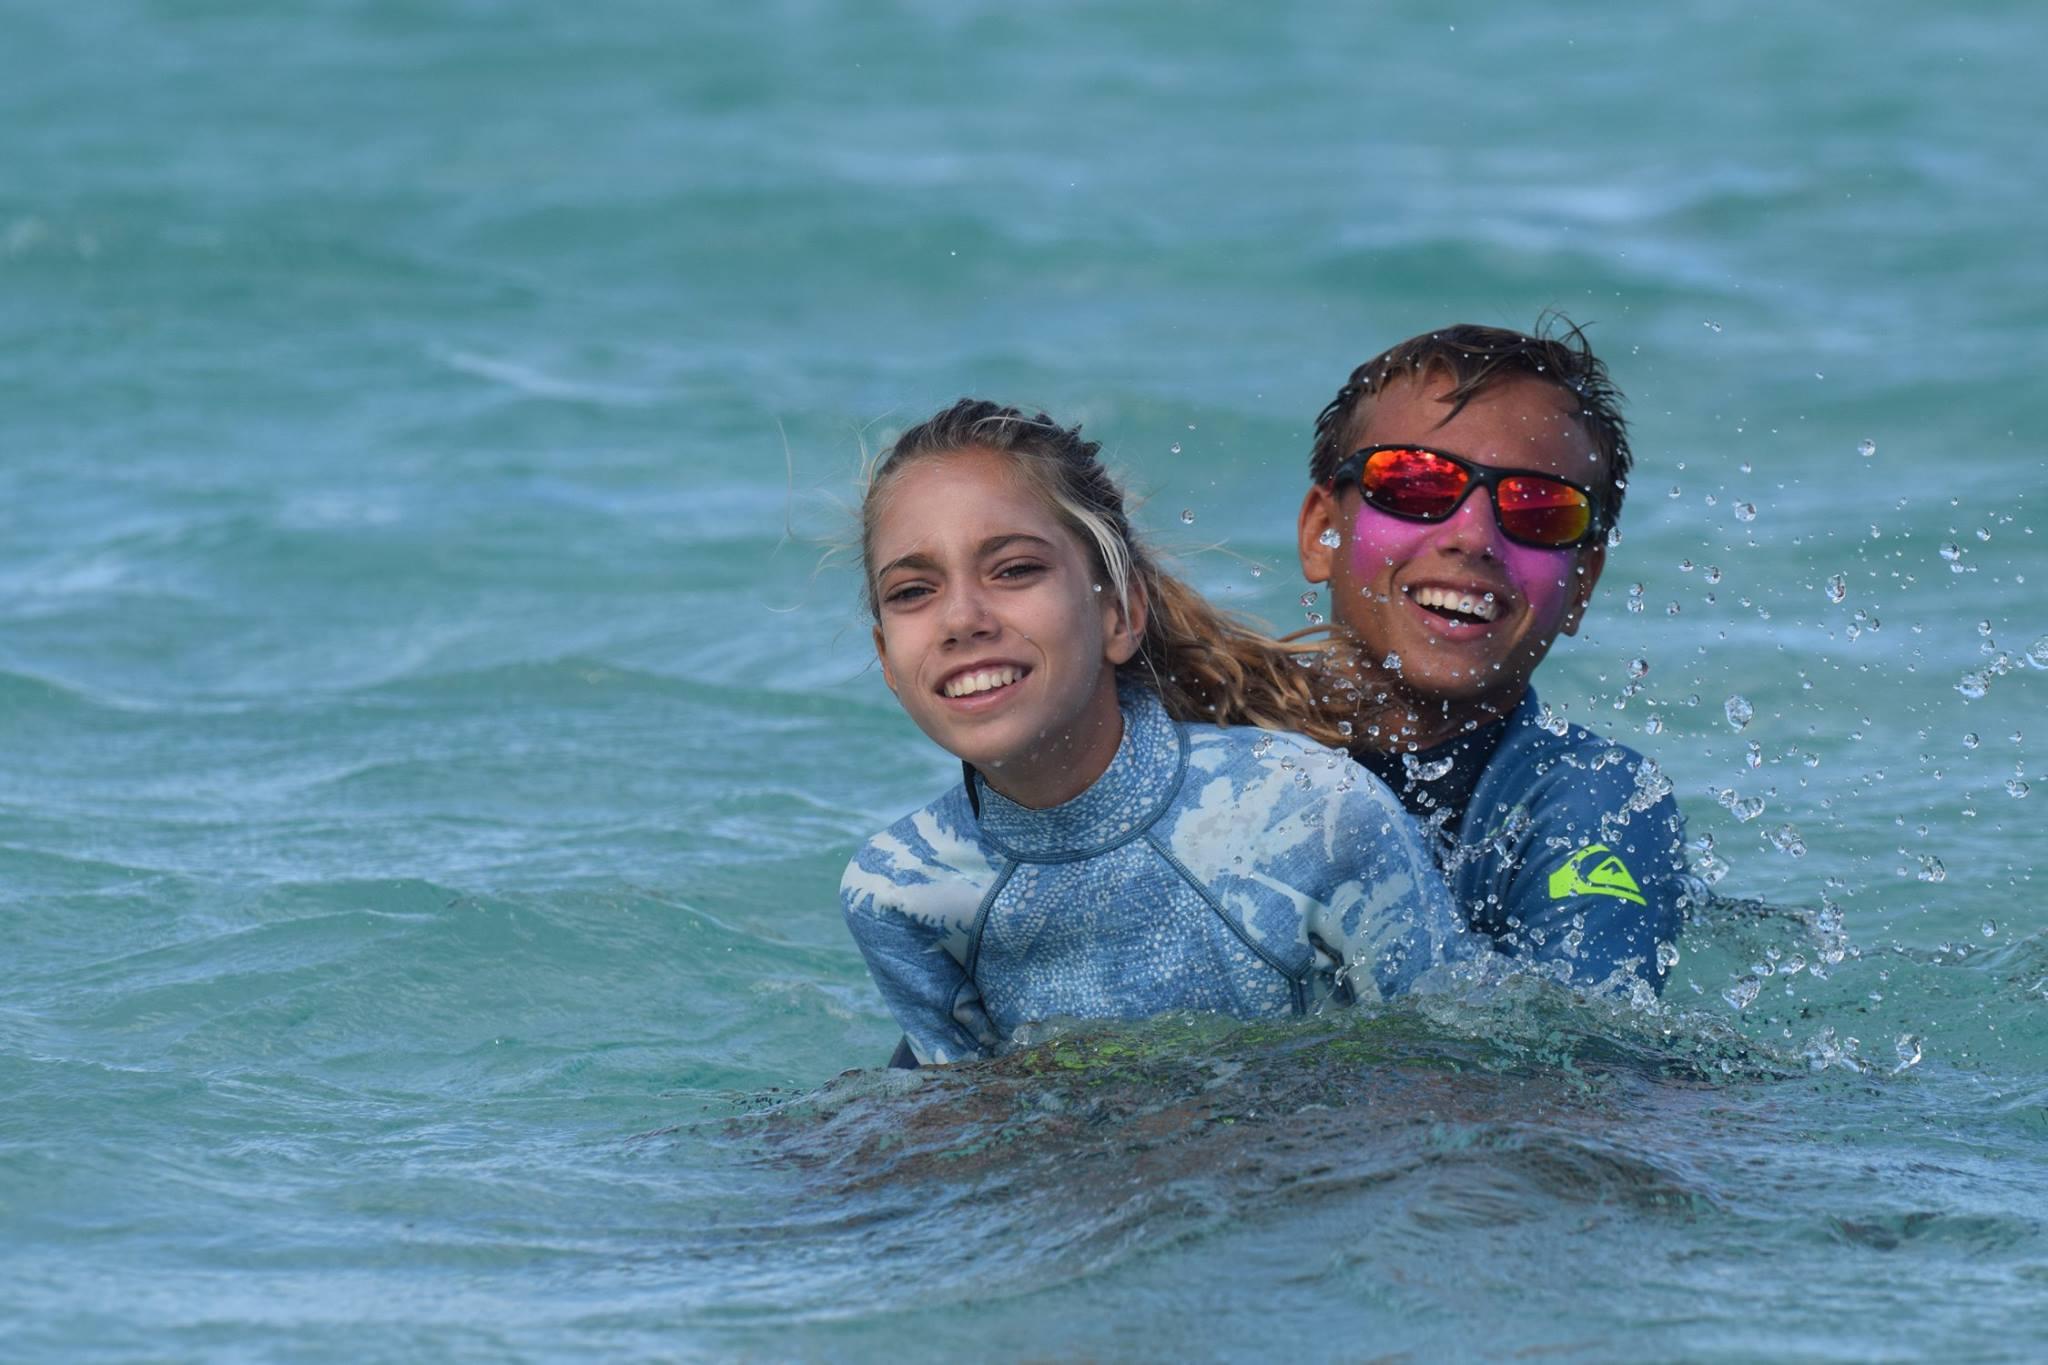 Avec sa sœur Aelan, également championne de surf